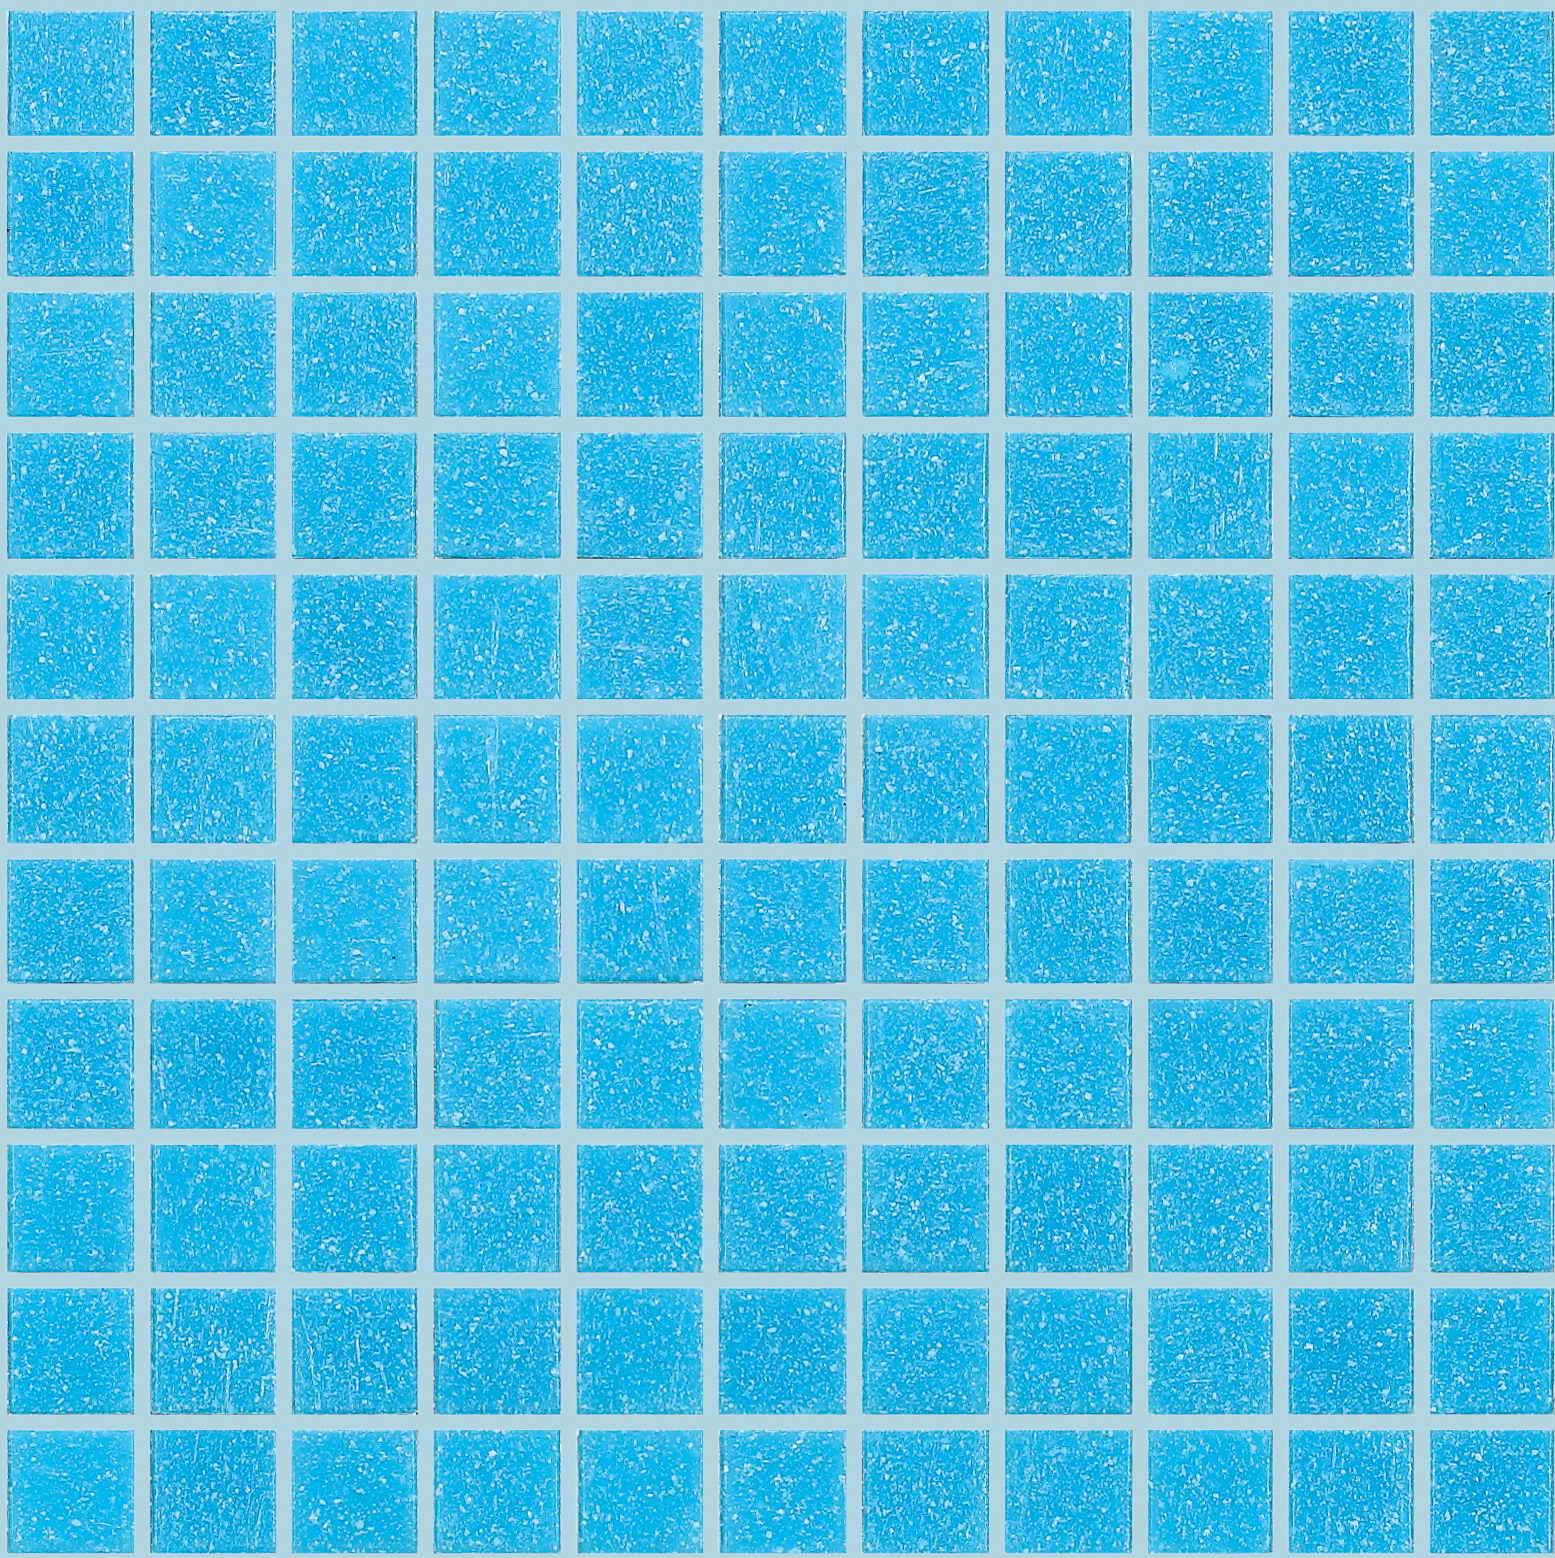 Горячие бассейн идеальное использование стеклянная мозаичная плитка